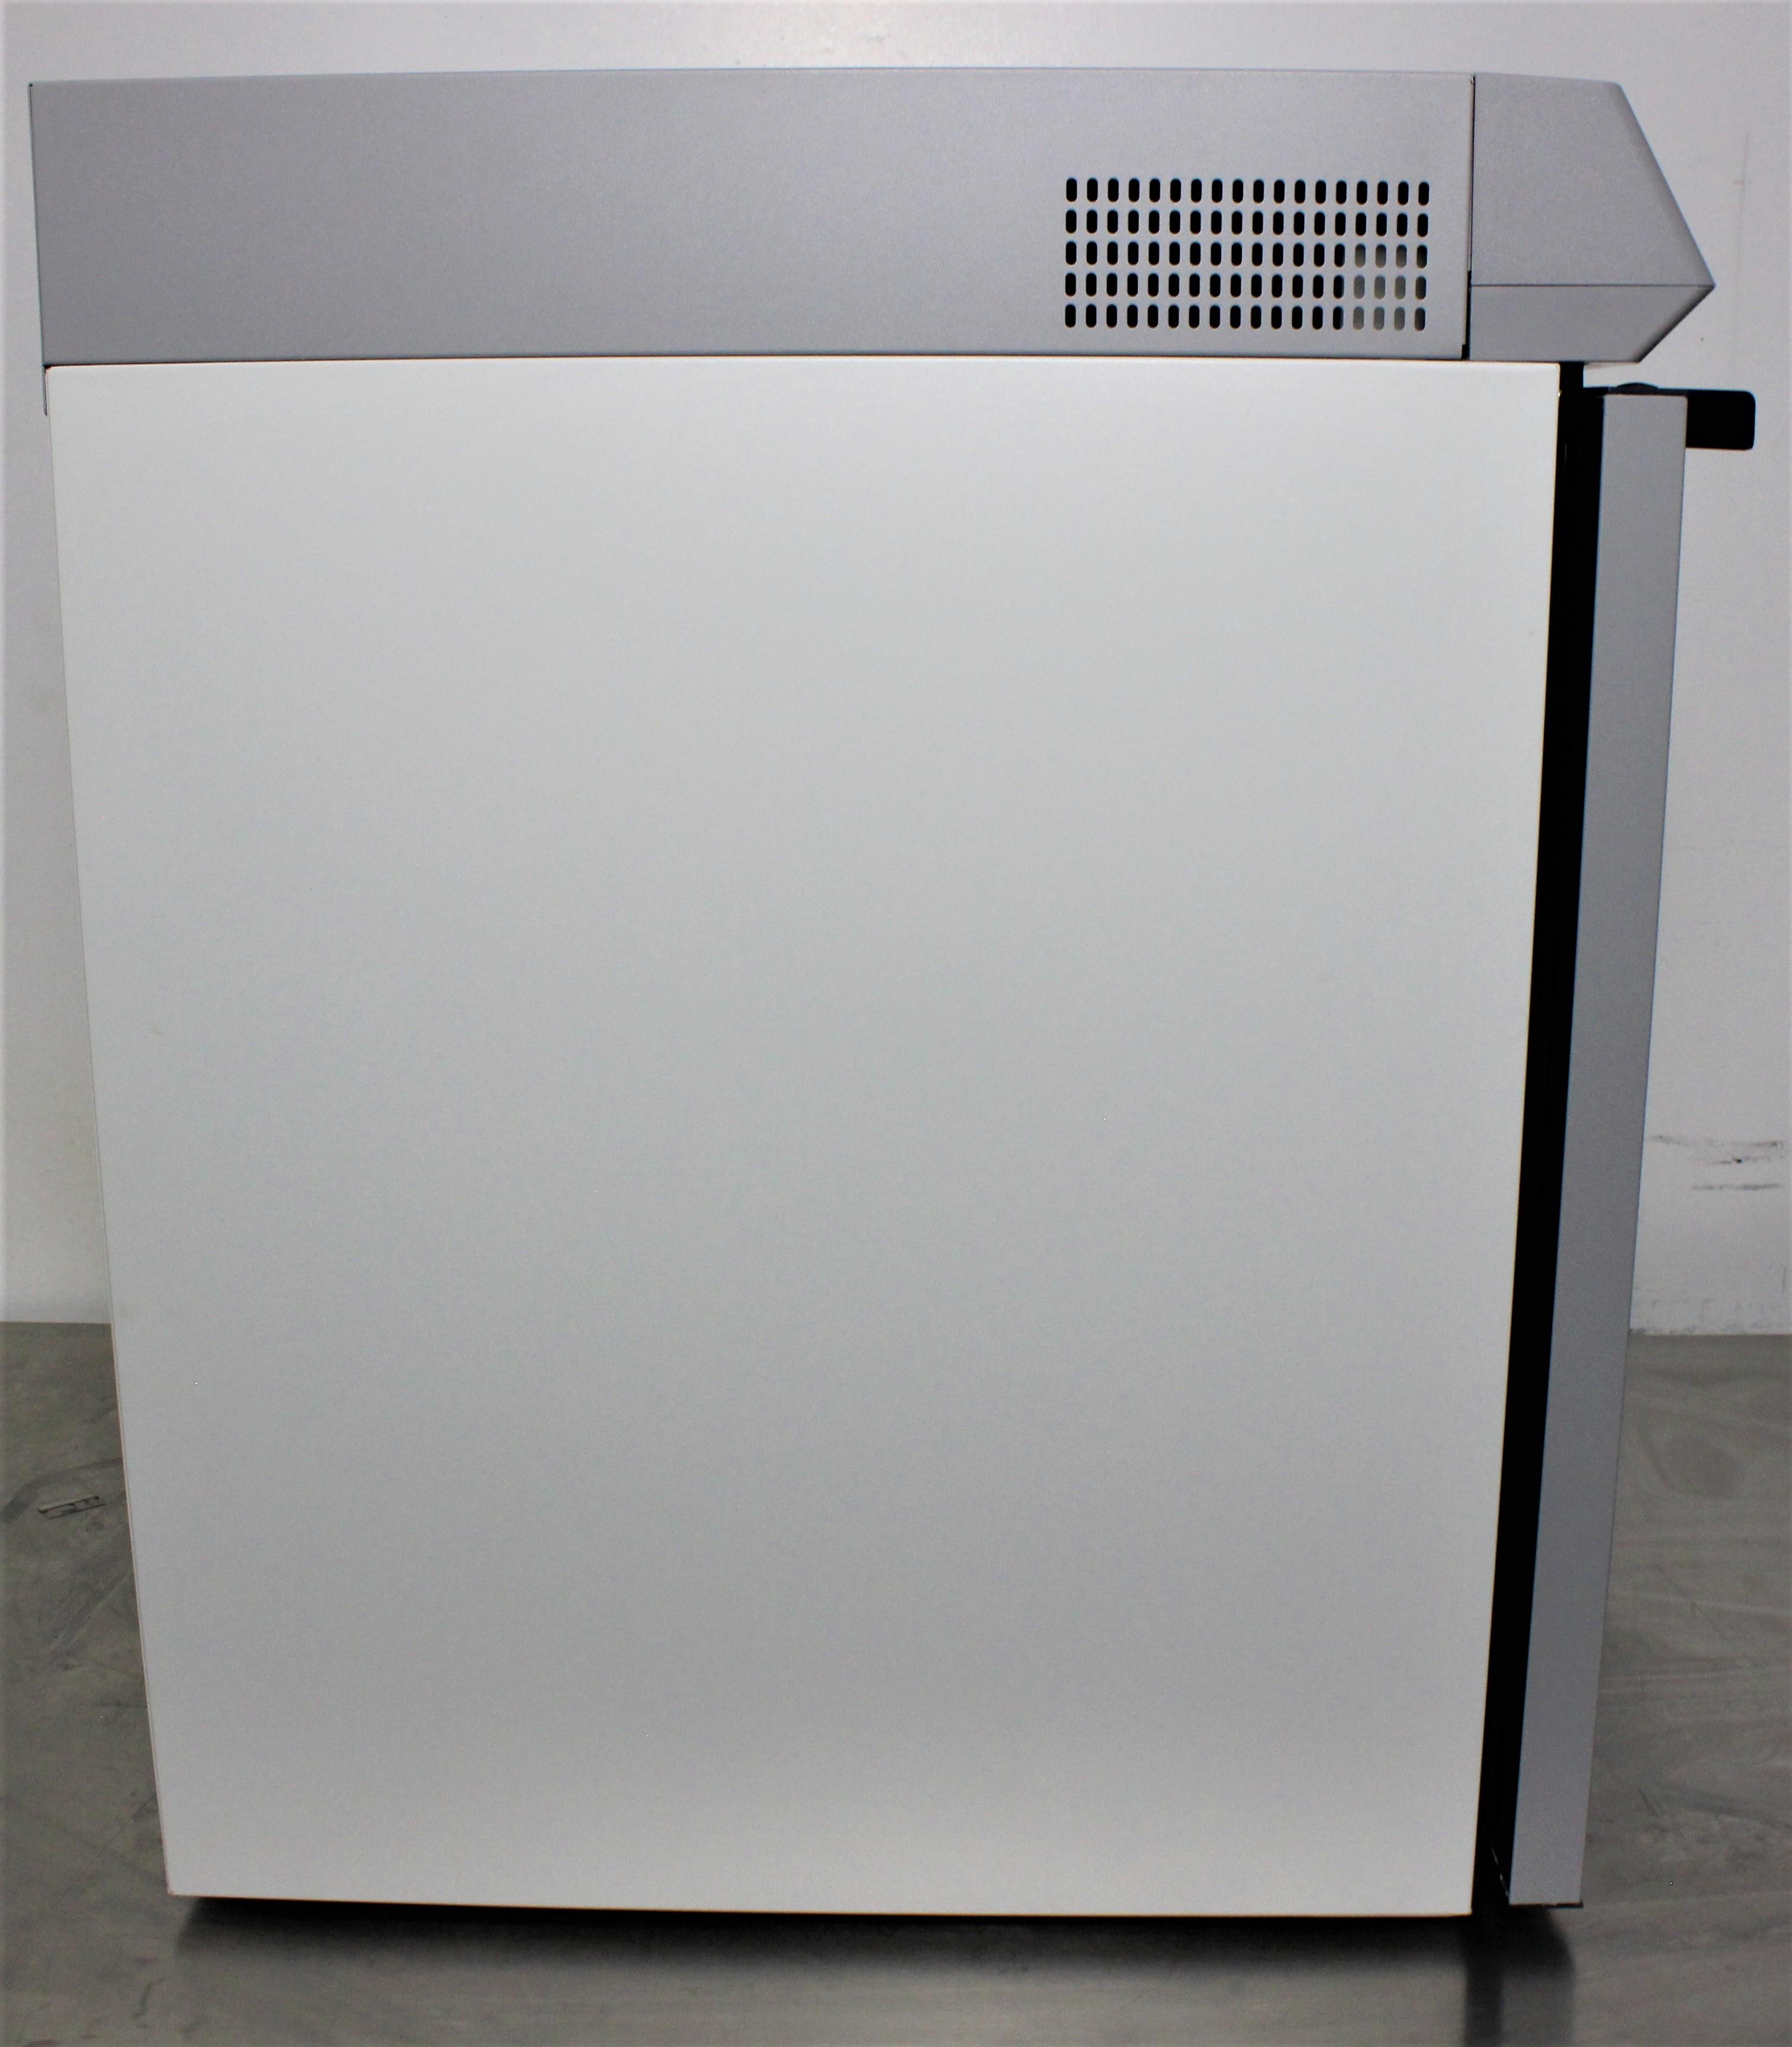 Image THERMO SCIENTIFIC TSG505SA Refrigerator 1587113